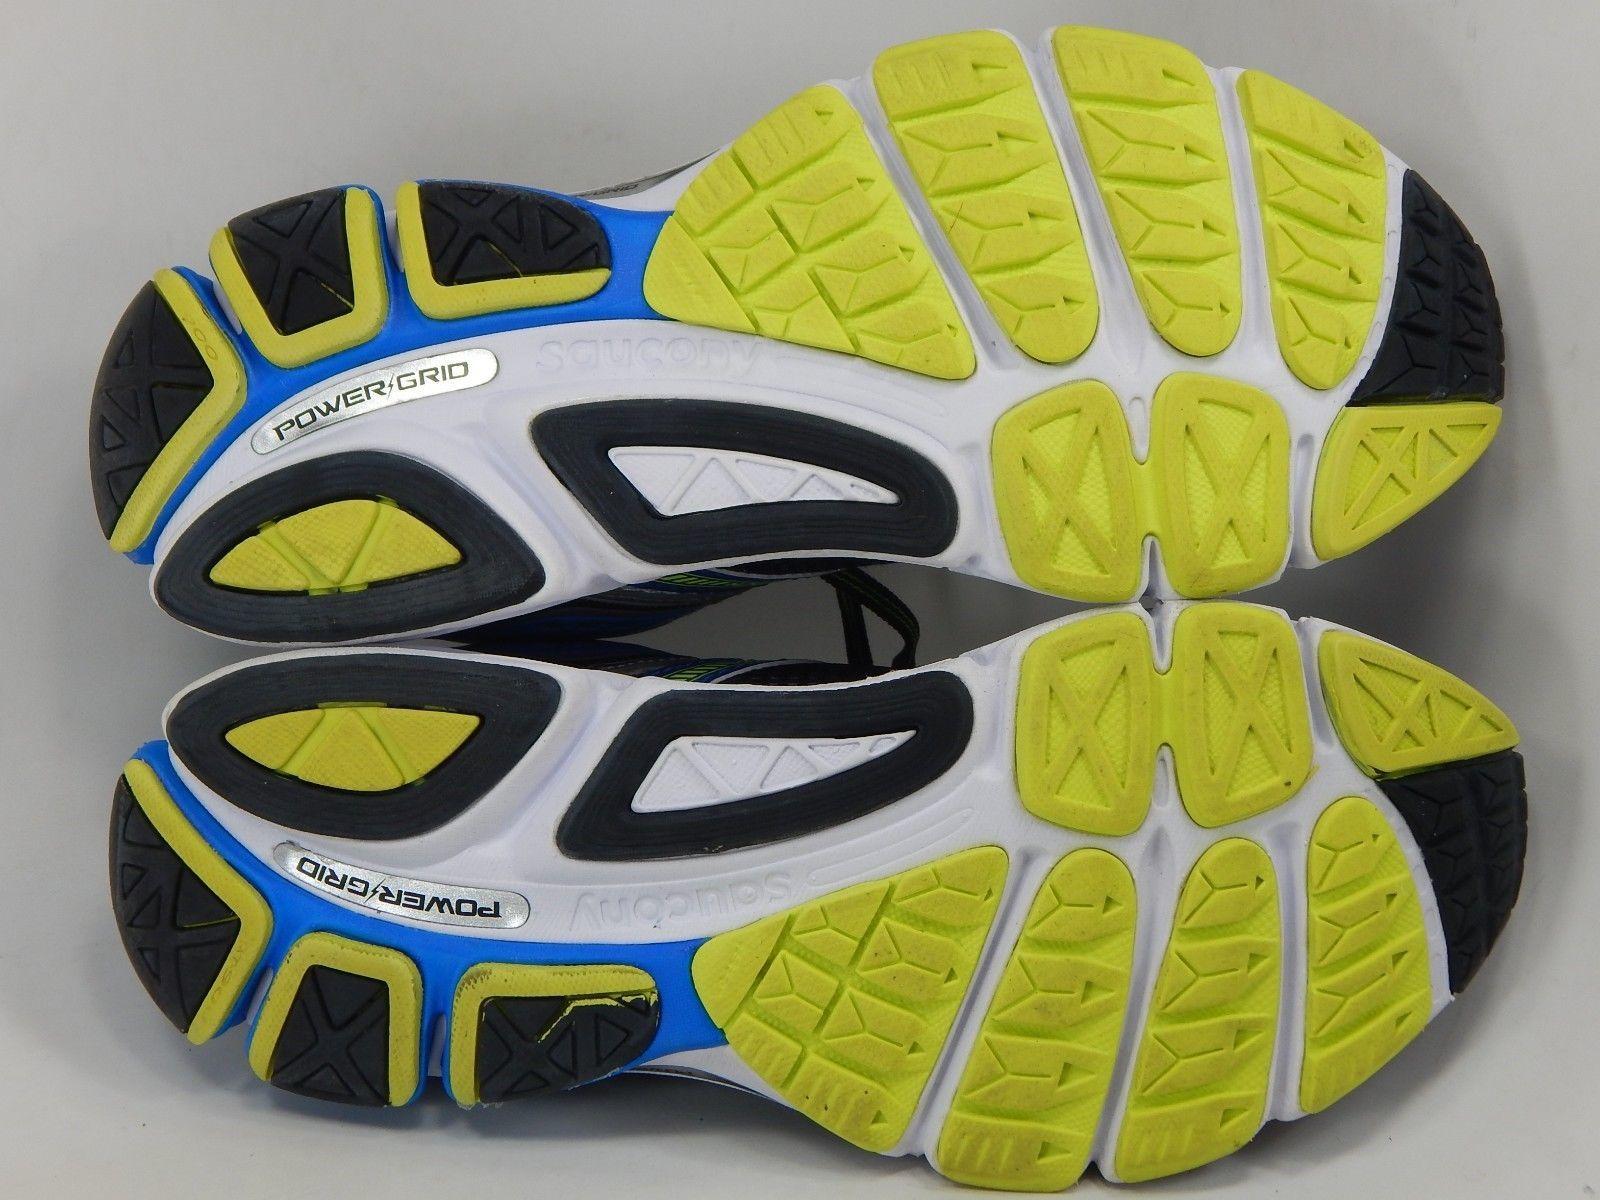 Saucony Echelon 4 Size US 9 M (D) EU 42.5 Men's Running Shoes Silver S20245-1